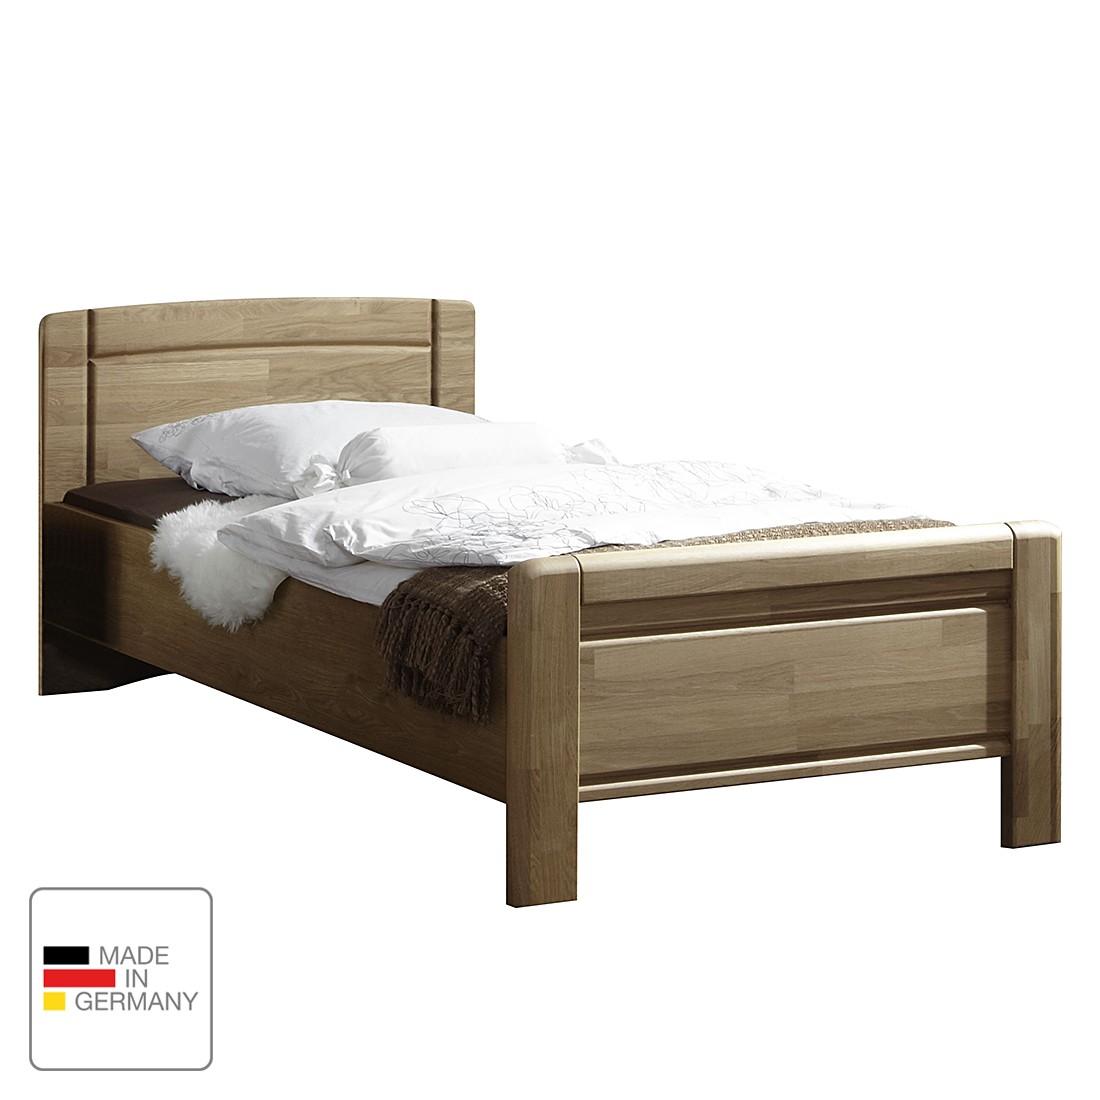 bed twijfelaar ikea perfect grenen bedframe ikea tarva incl with bed twijfelaar ikea elegant. Black Bedroom Furniture Sets. Home Design Ideas